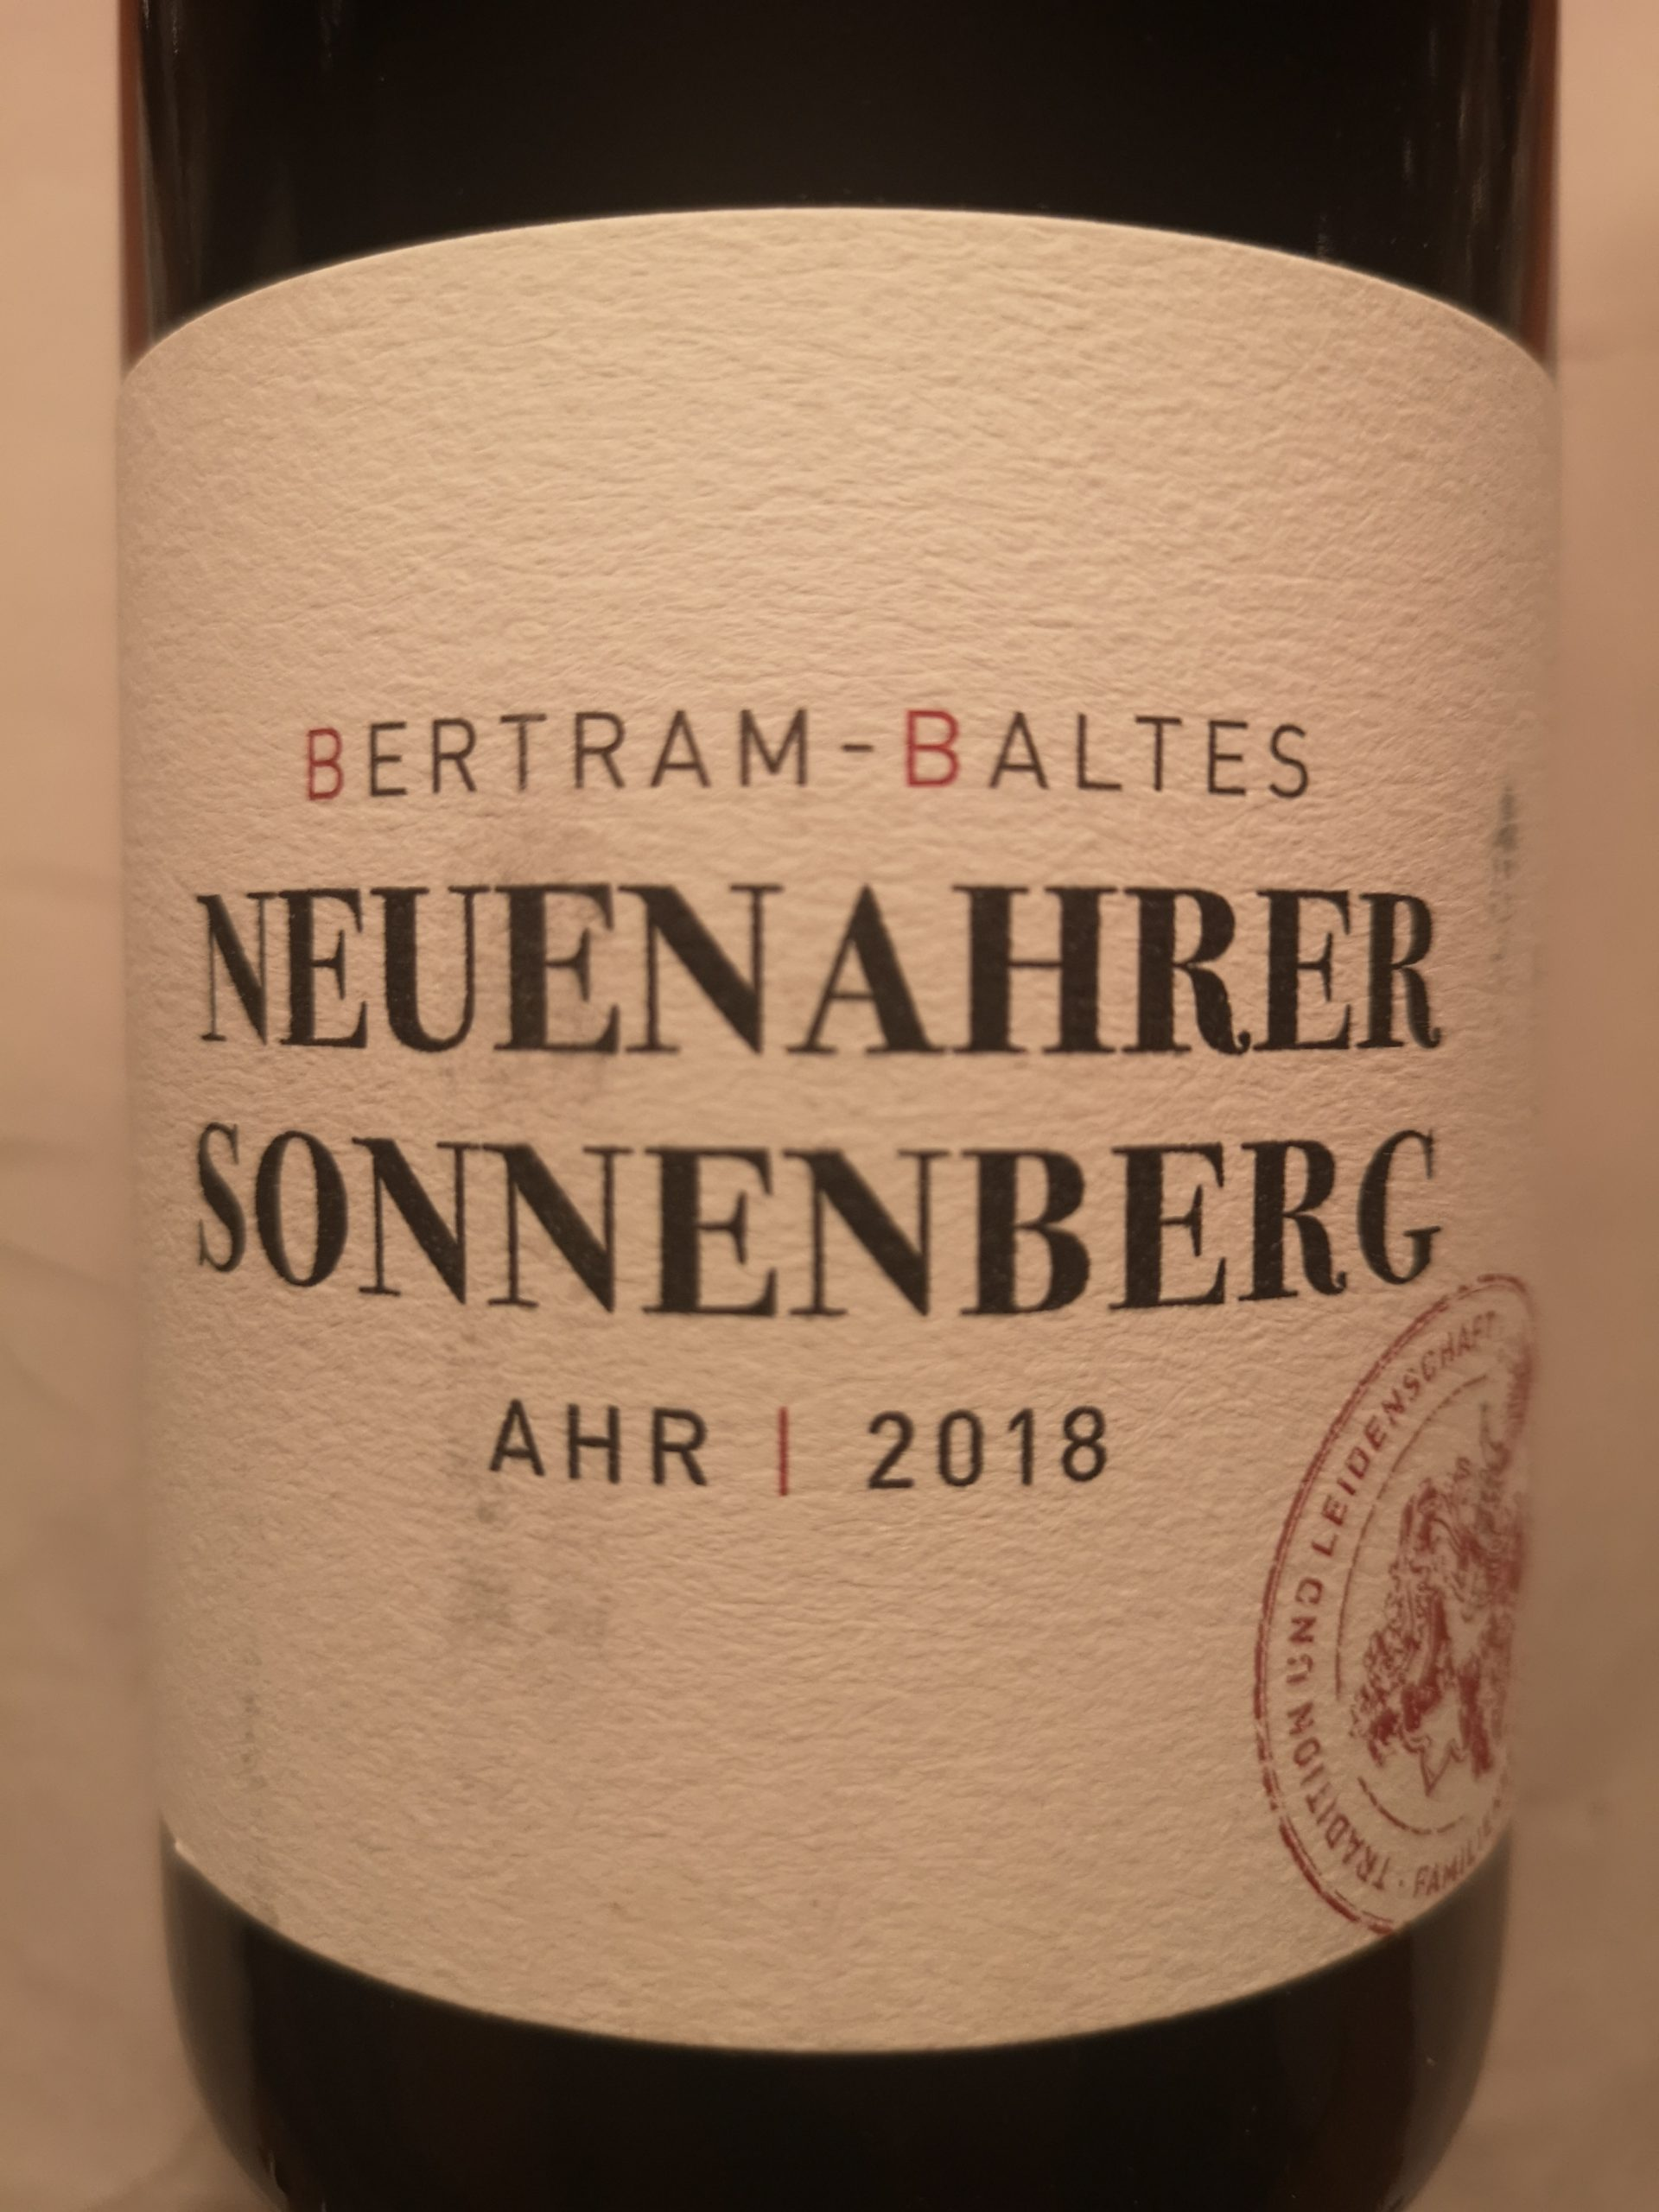 2018 Frühburgunder Neuenahrer Sonnenberg | Bertram-Baltes